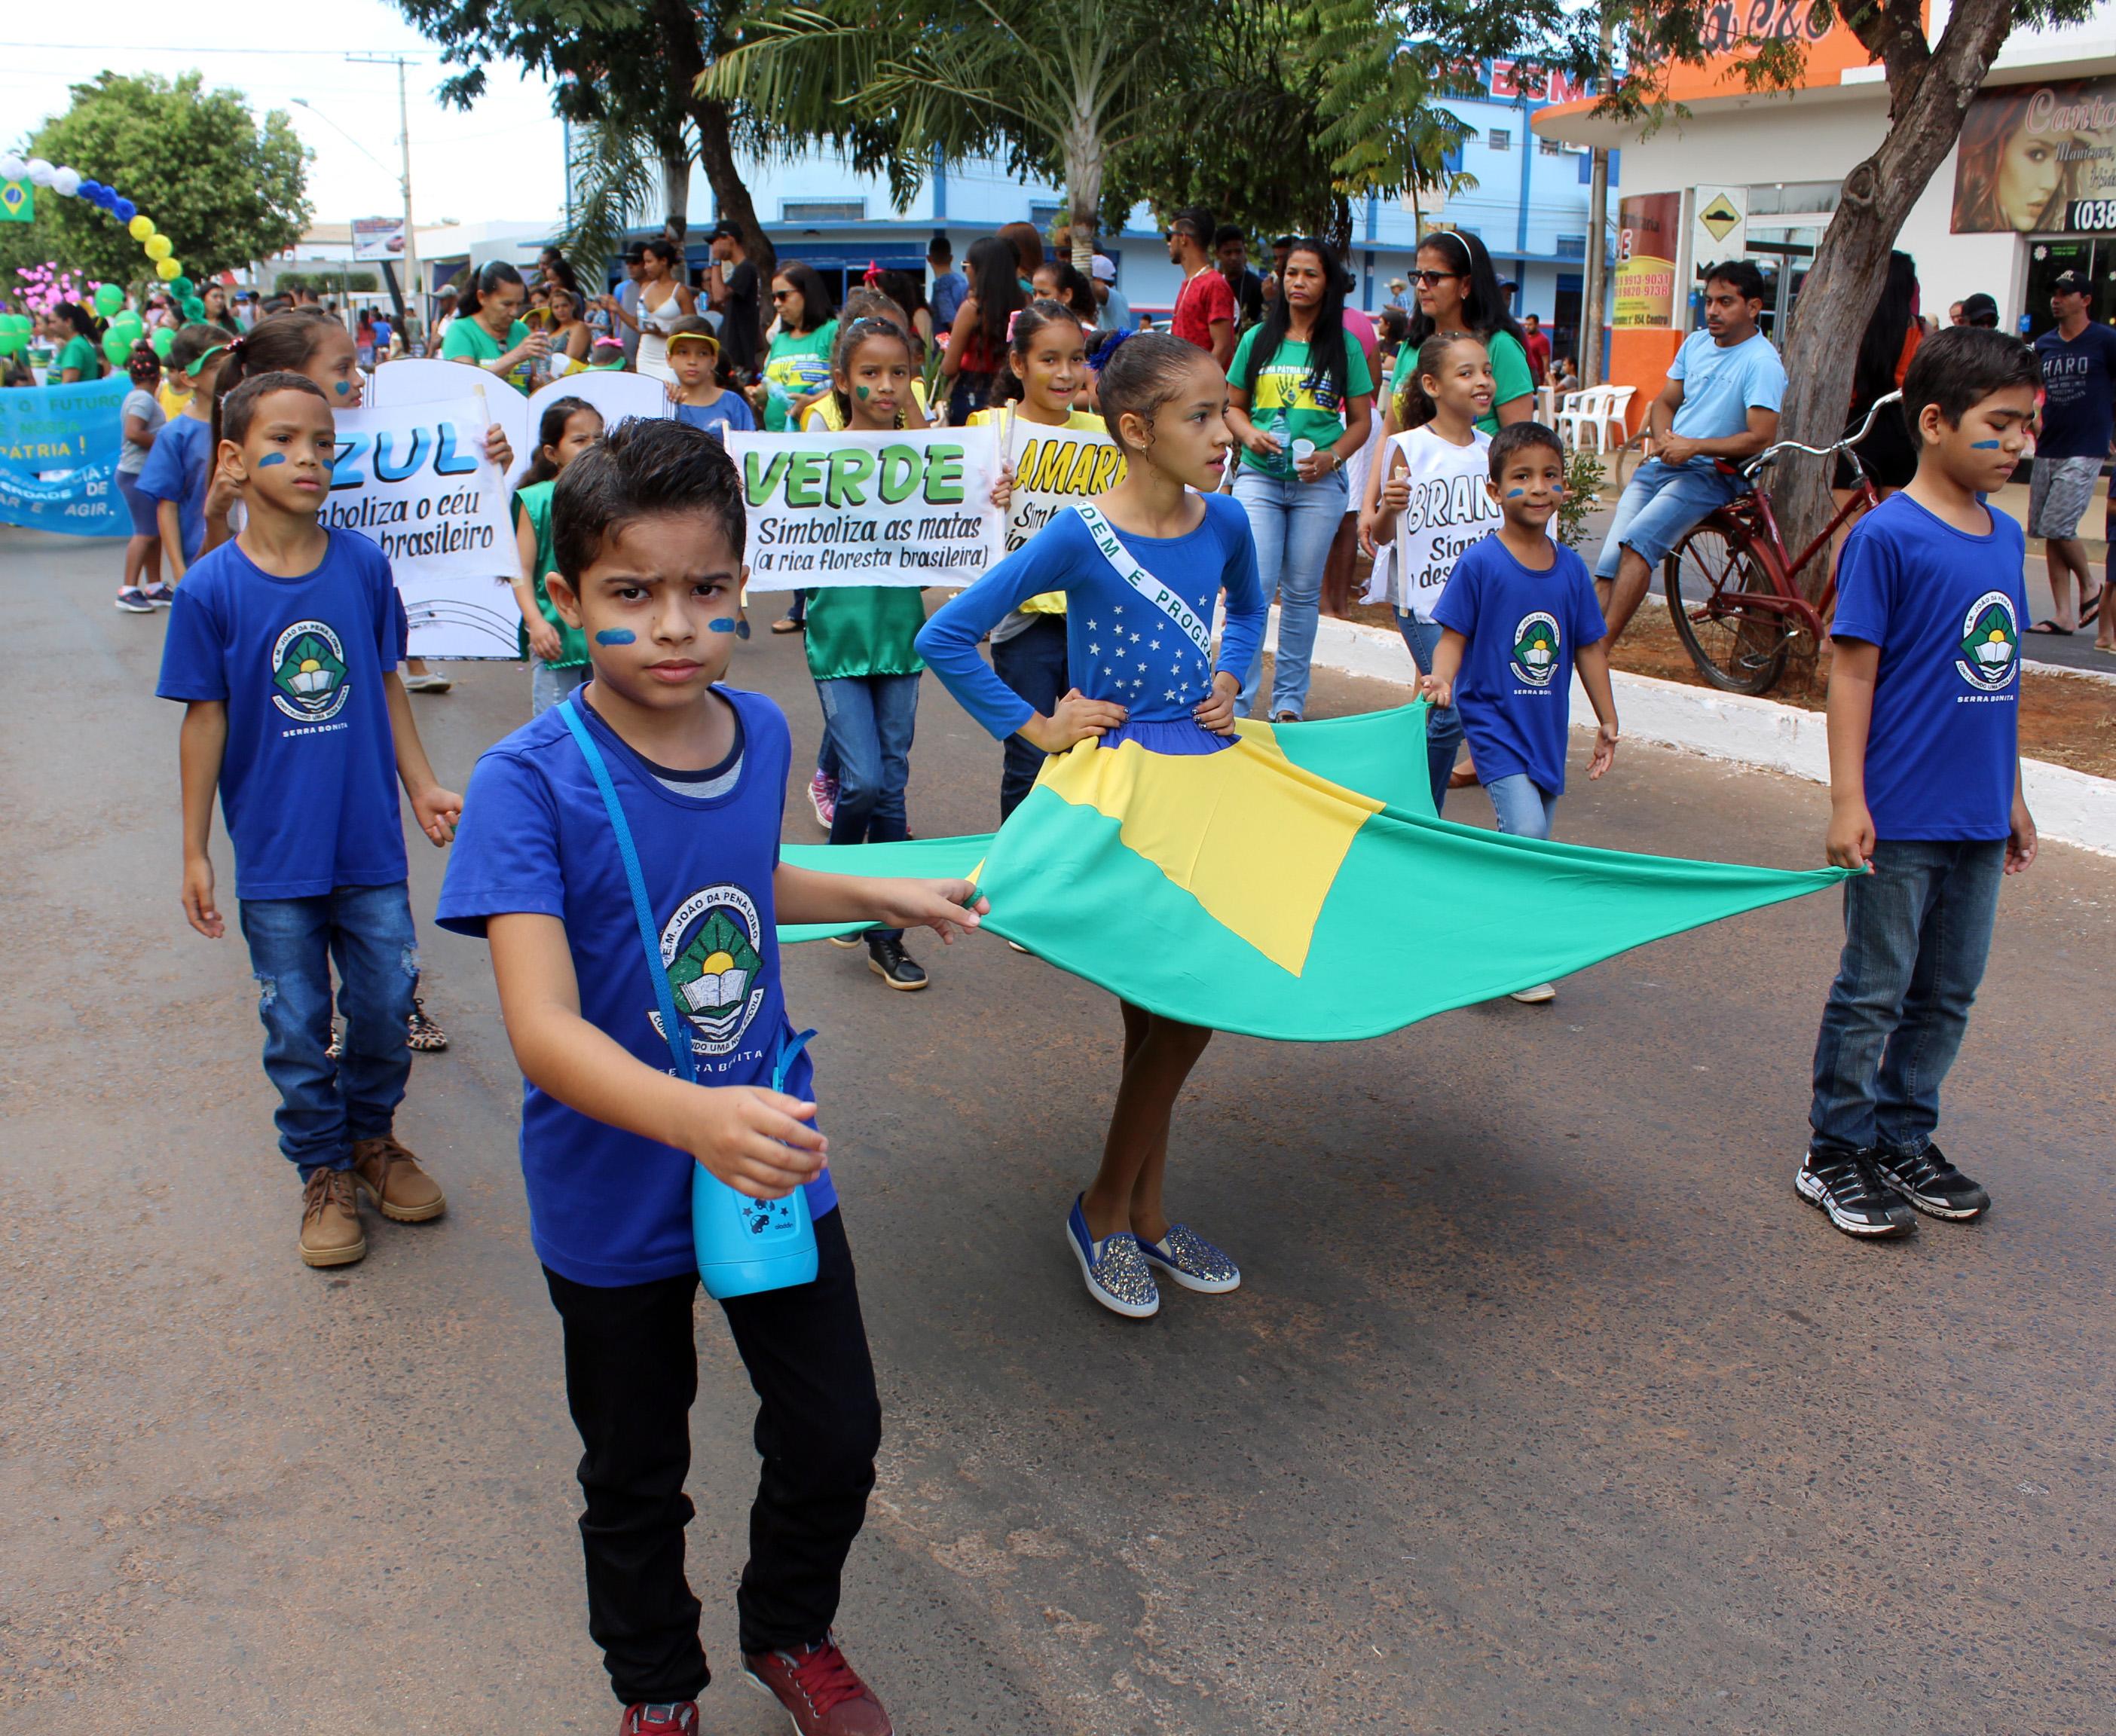 Desfile 7 de setembro em Buritis - MG / Foto: Lívia Alves